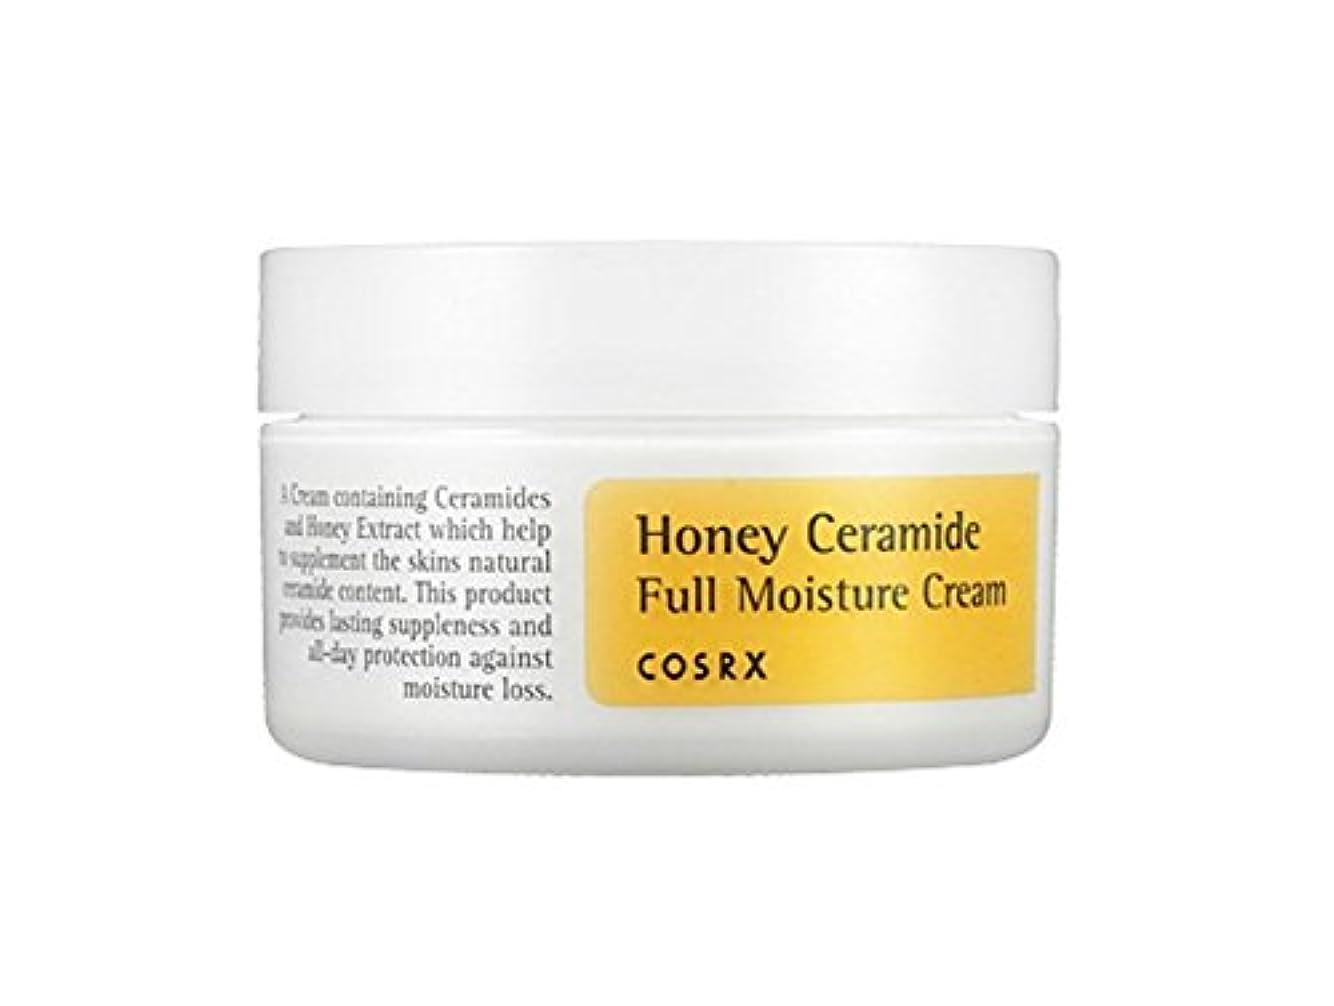 見かけ上レスリングインシデントCOSRX Honey Ceramide Full Moisture Cream 50ml/COSRX ハニー セラミド フル モイスチャー クリーム 50ml [並行輸入品]